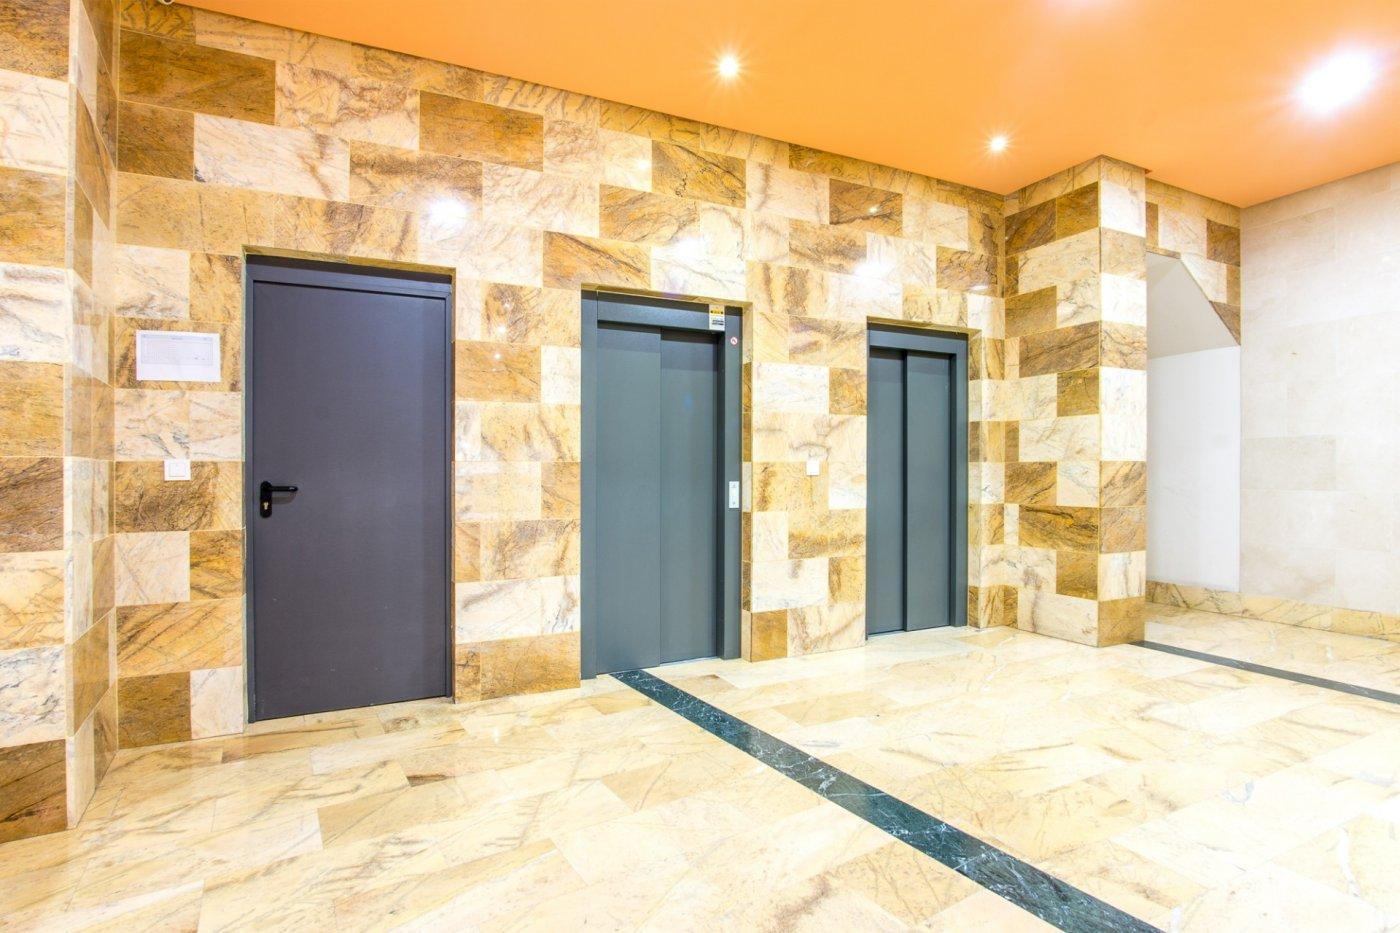 Magnífico piso en santiago el mayor - imagenInmueble28